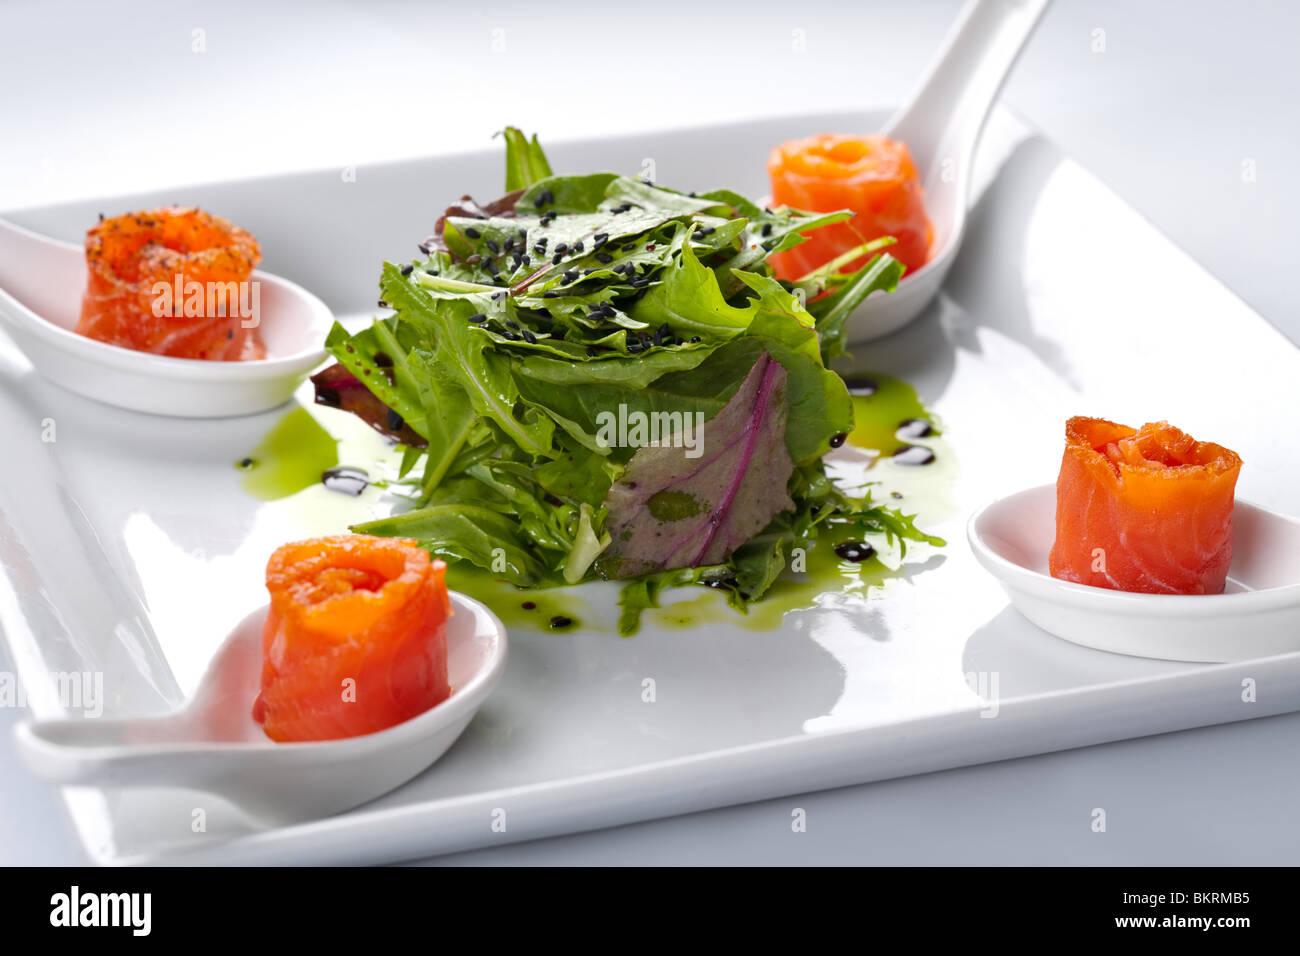 Lachs in einem weißen Teller. In der Mitte Rucola Salat. Stockfoto